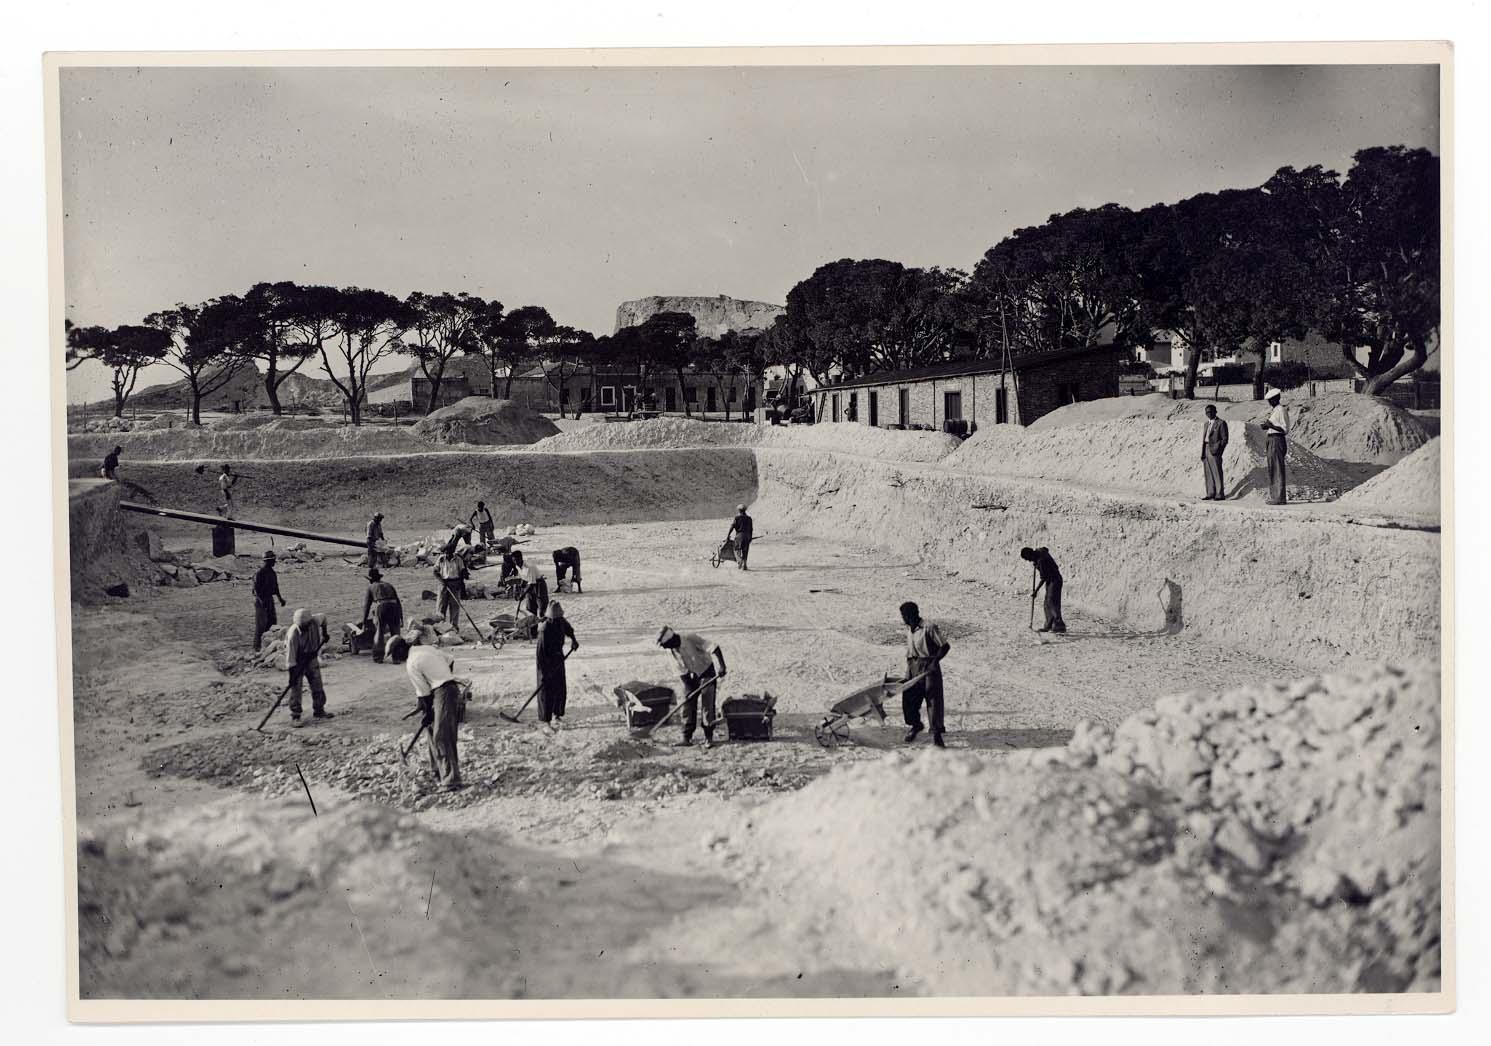 Archivio Comunale -1956 - Topografia_jpg_foto 0017 2-3